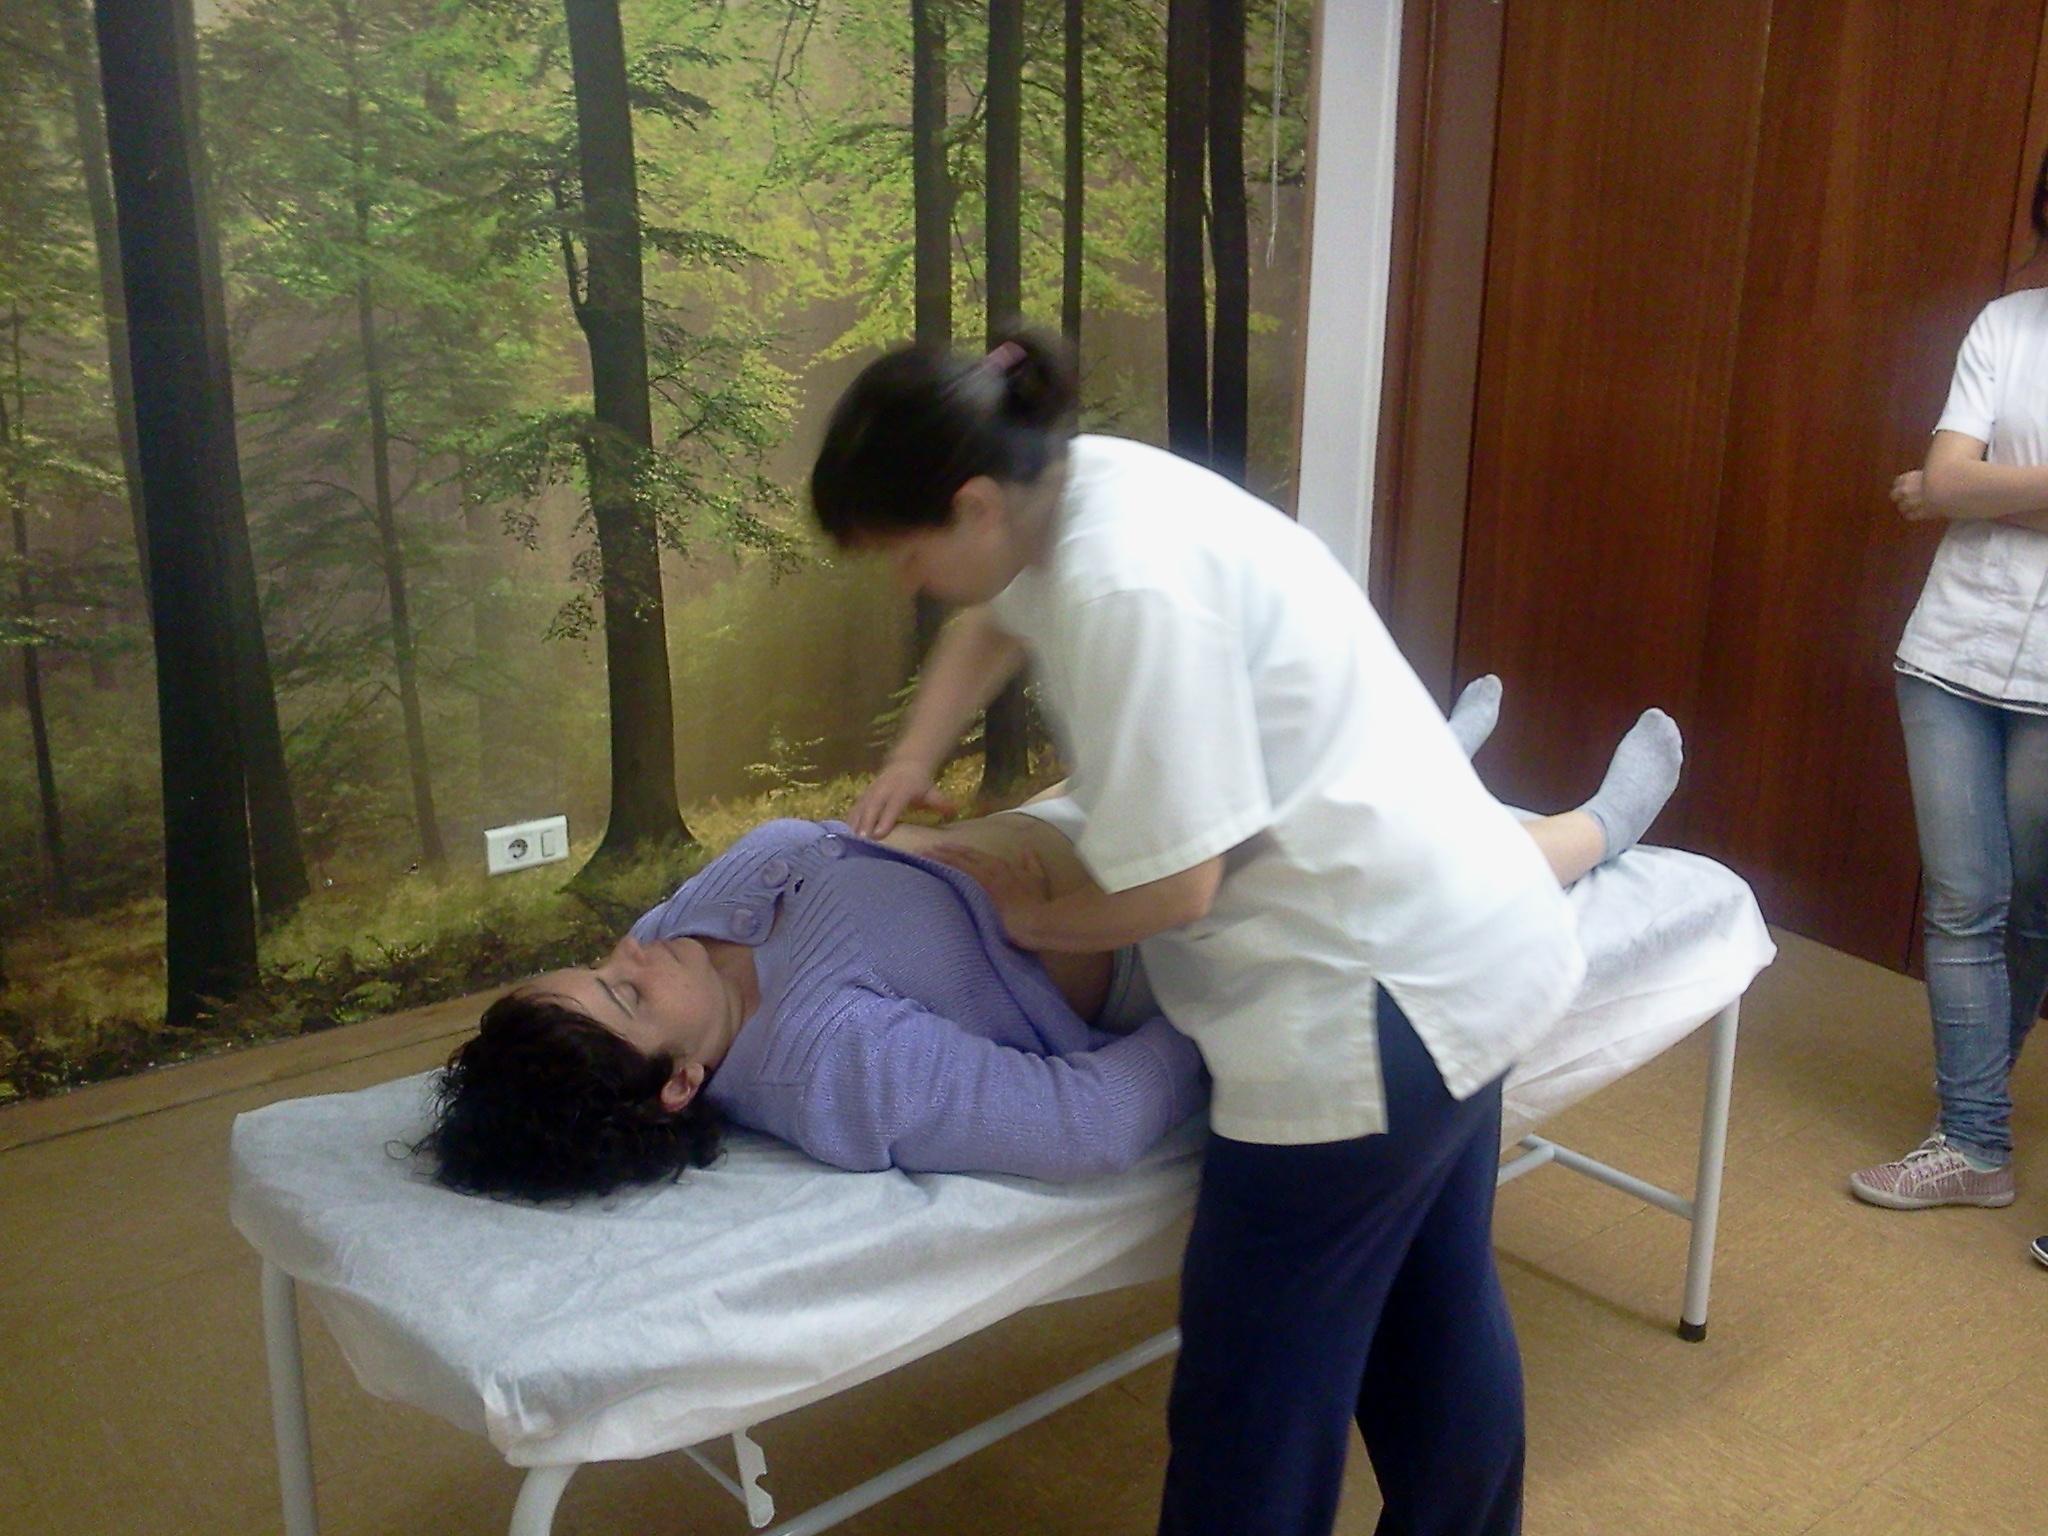 El Instituto de Osteopatía de Valencia, INOVA, comienza su actividad en la Clínica de Osteopatía.